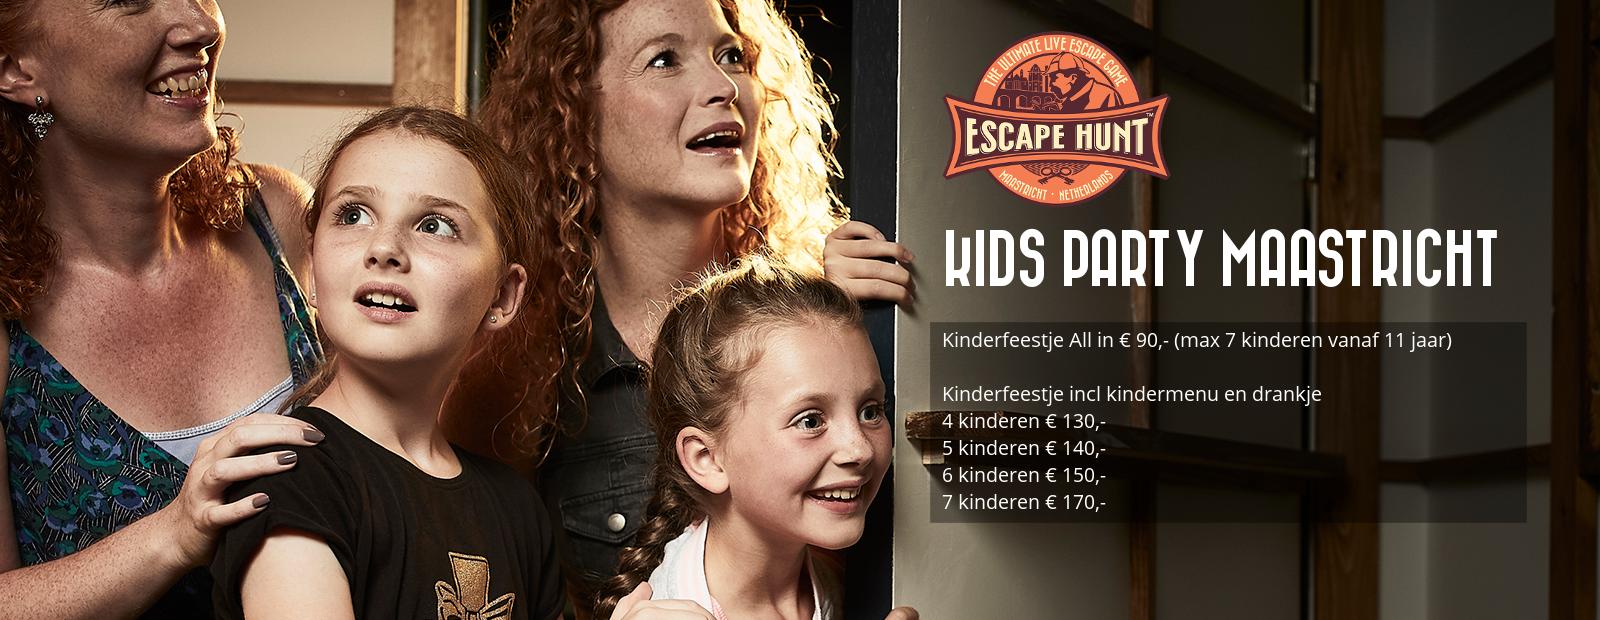 Kinderfeestje Maastricht met escape room